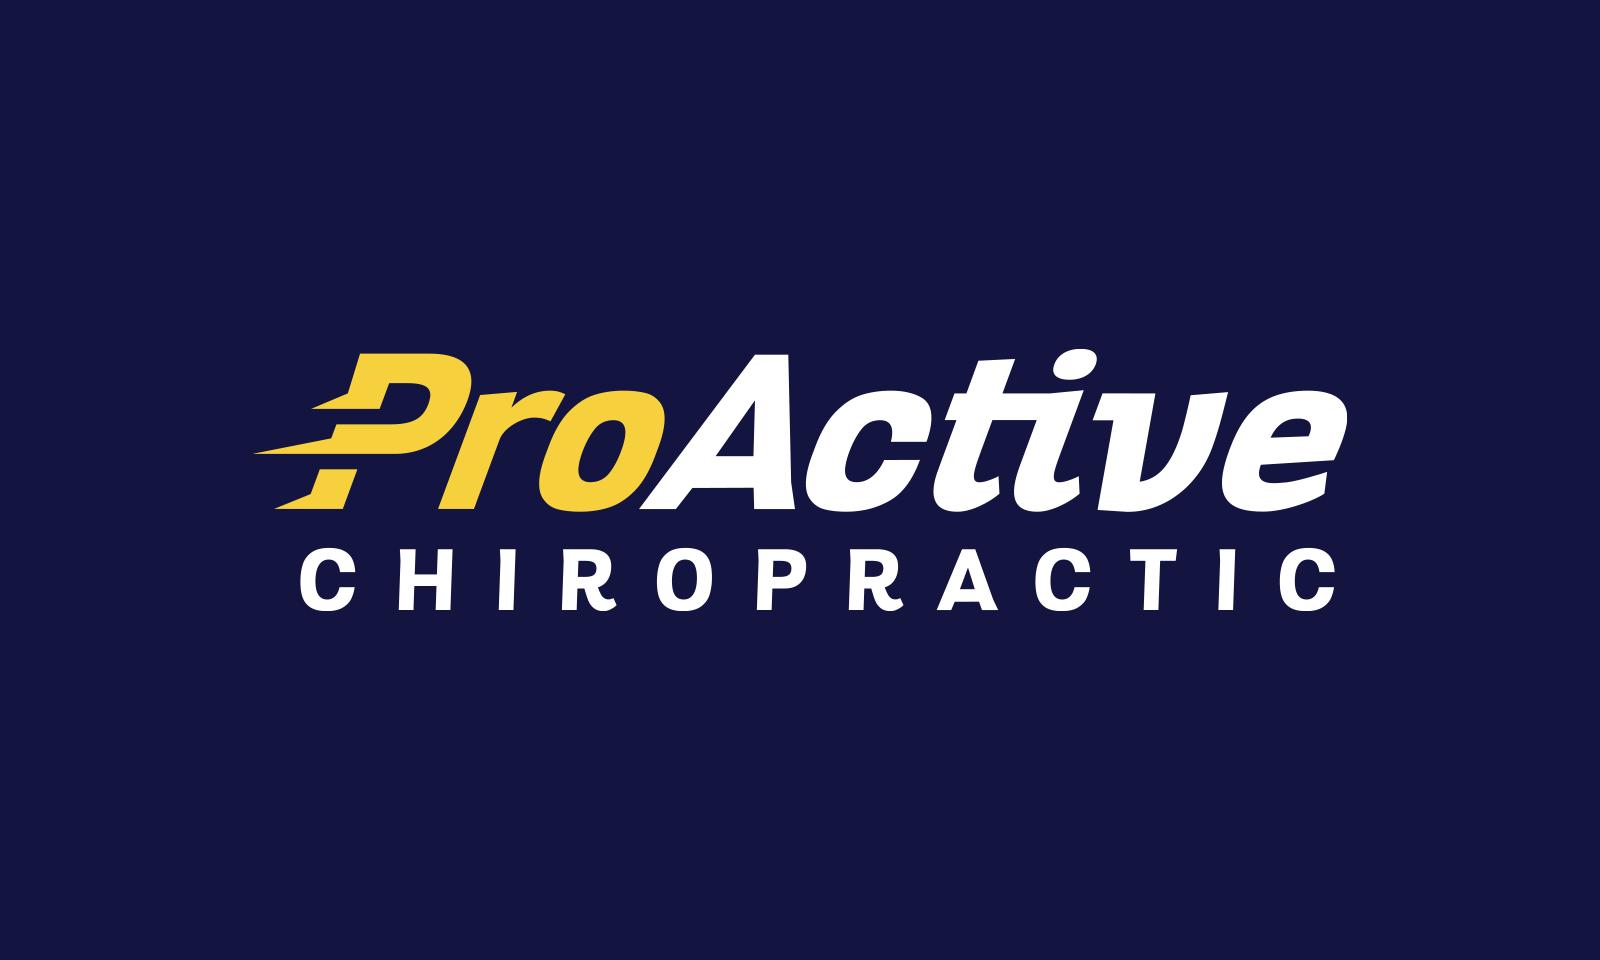 ProActive-Chiropractic-Logo-Ben-Rummel-Design.png